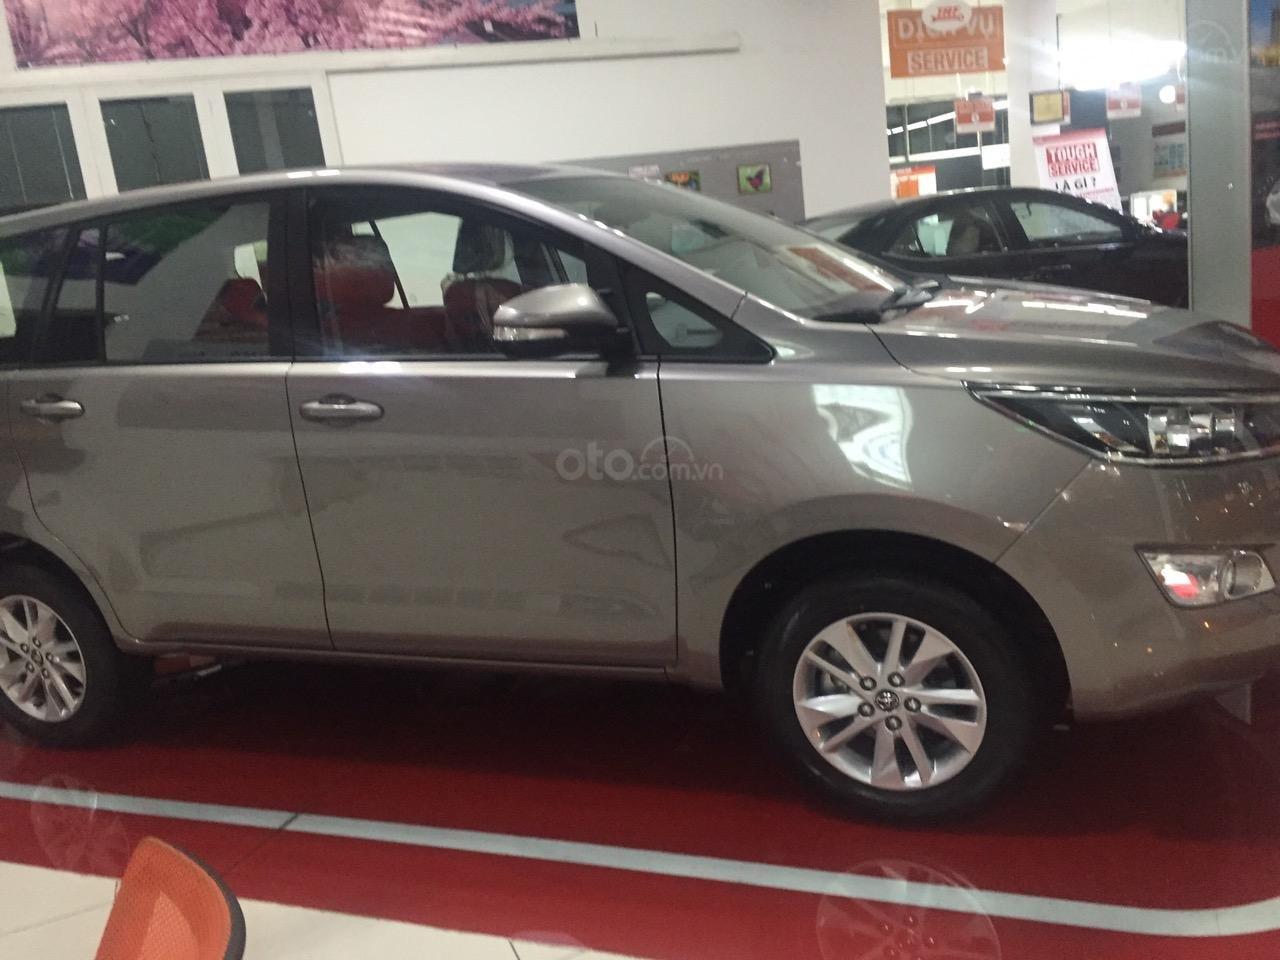 Bán Innova 2.0E số sàn, màu đồng, hỗ trợ vay 85%, thanh toán 170tr nhận ngay xe (2)